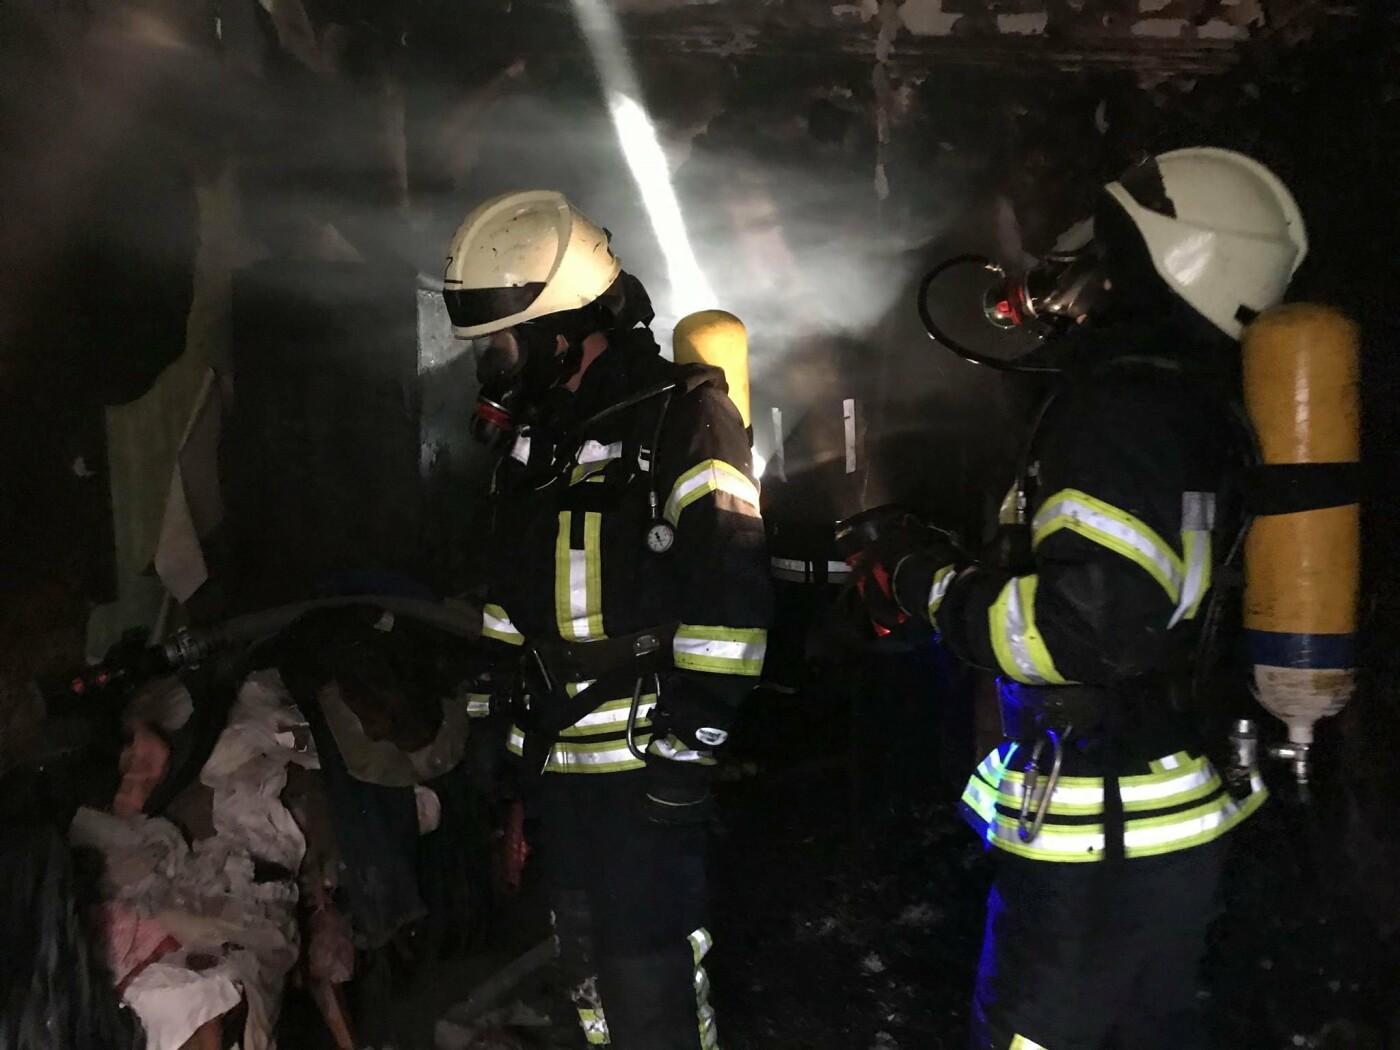 Пожар в центре Одессы: спасатели рассказали подробности инцидента, - ФОТО, фото-2